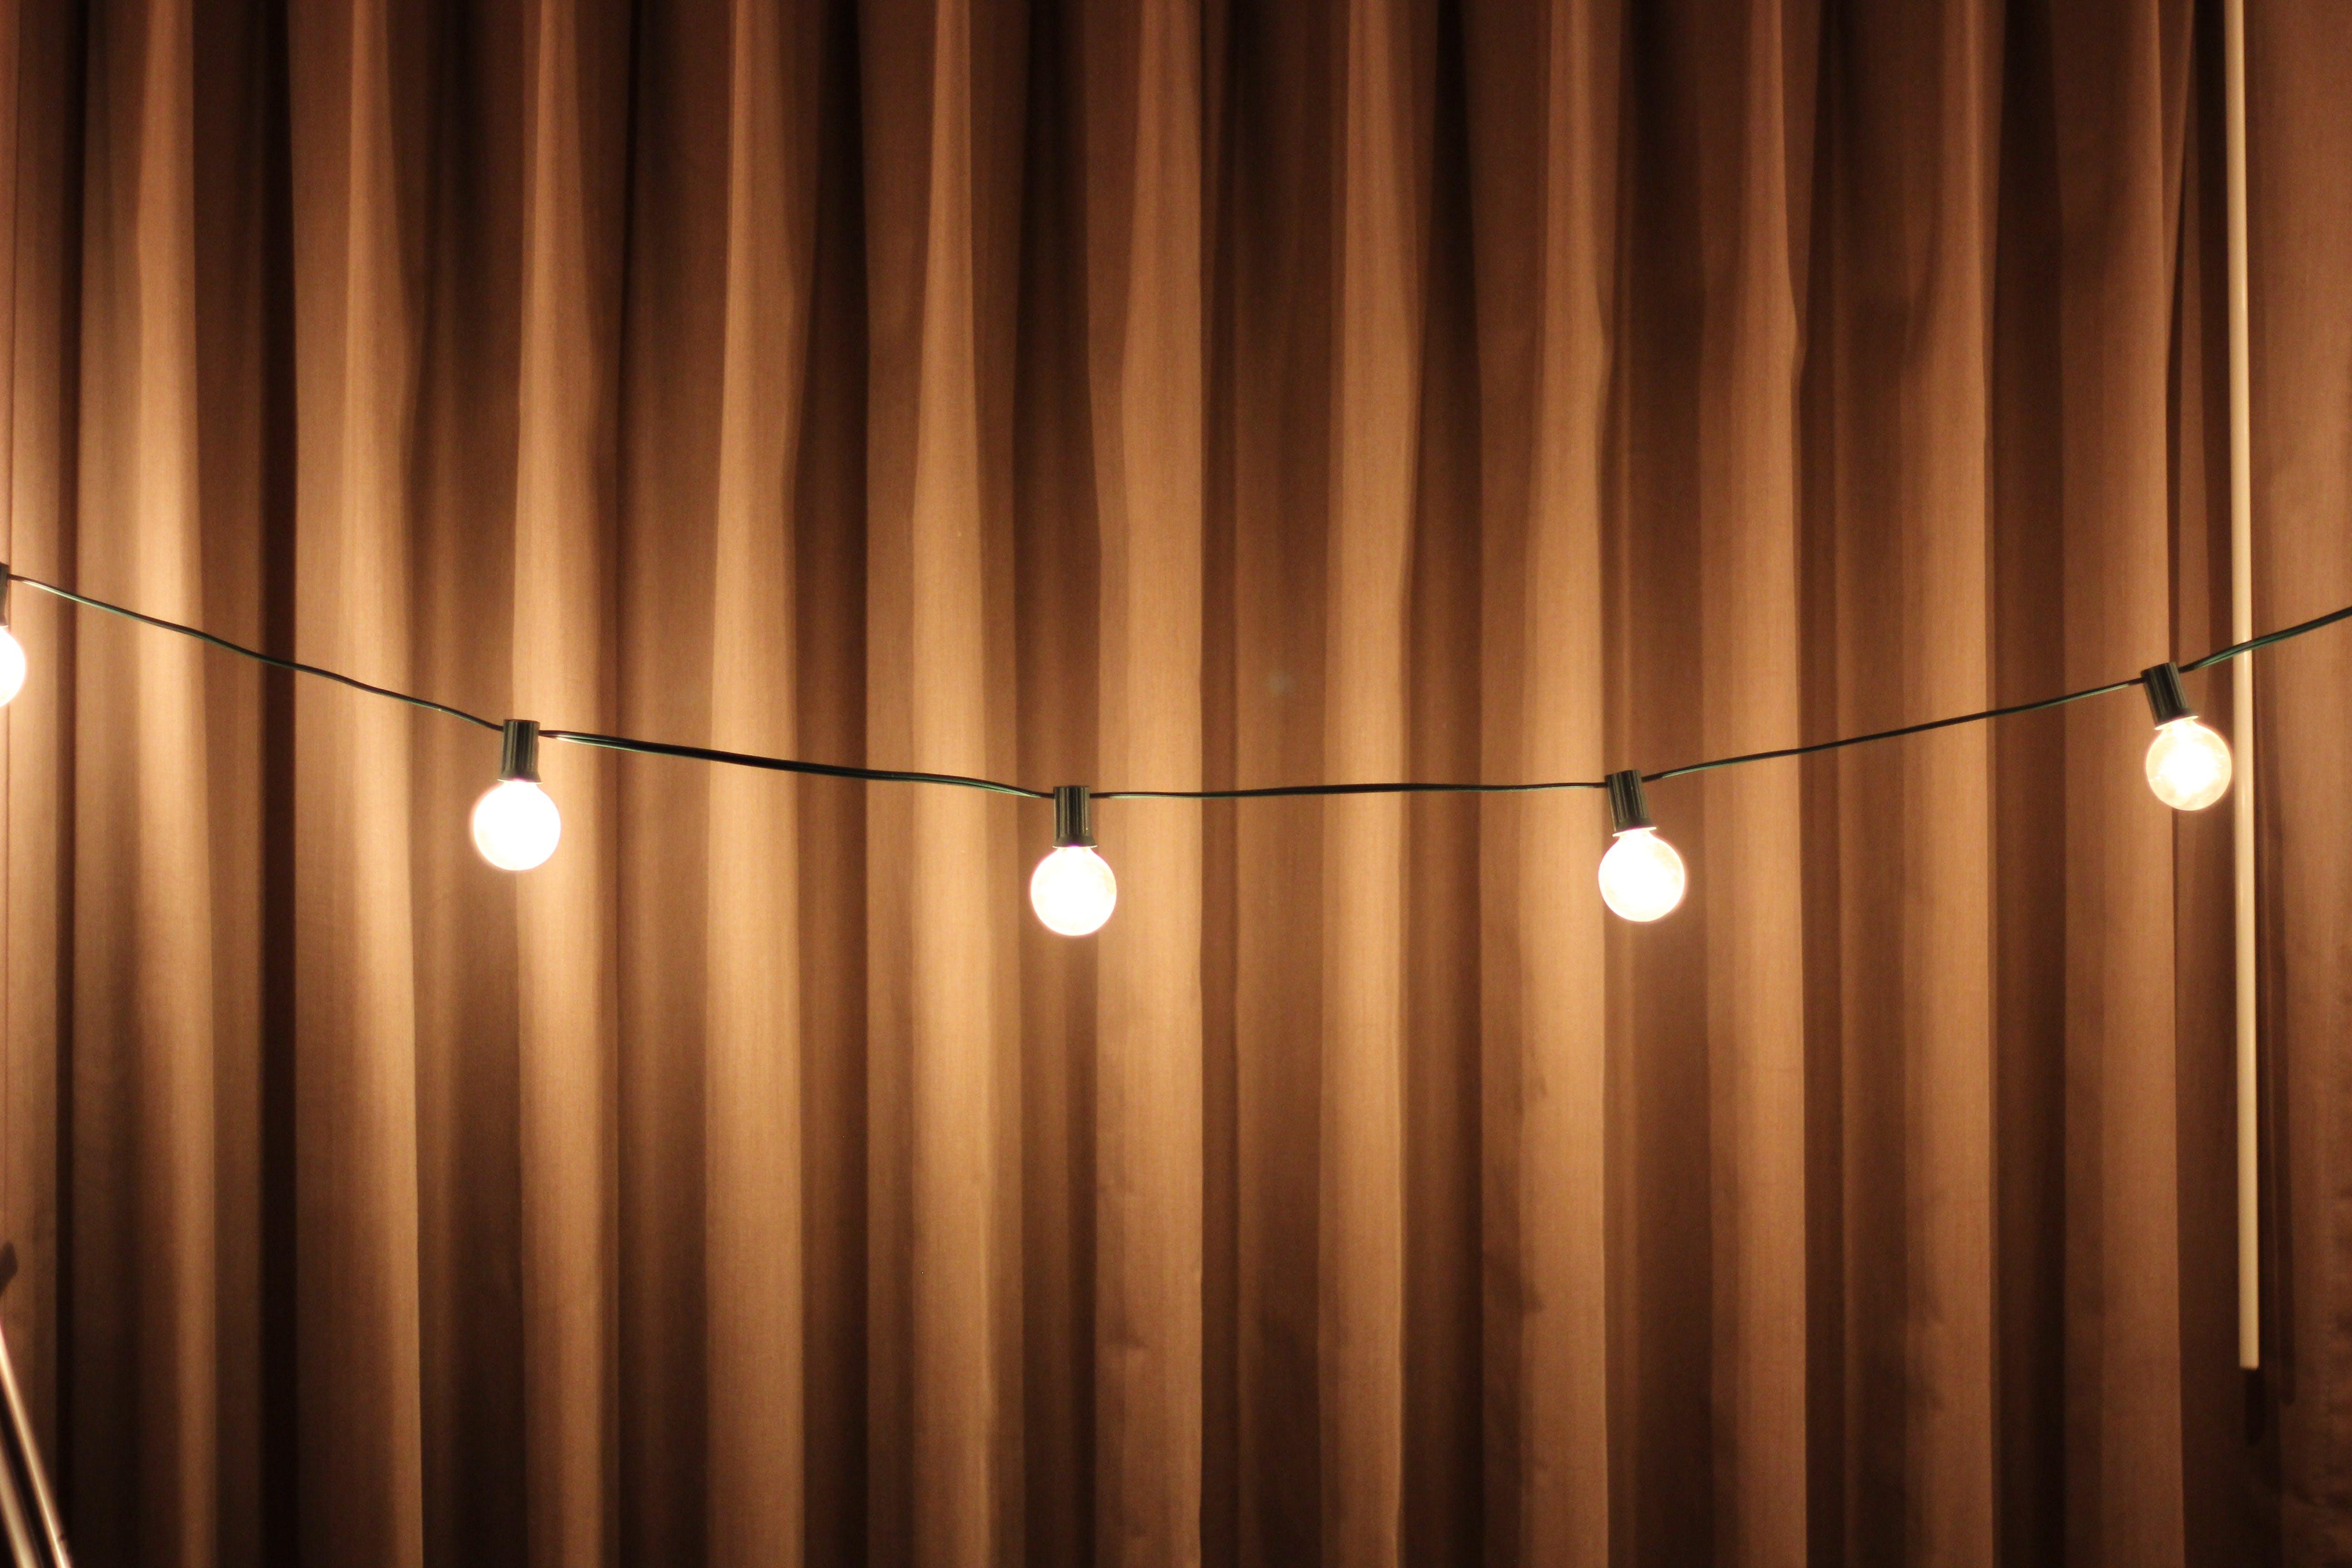 beleuchtet, beleuchtung, dekoration